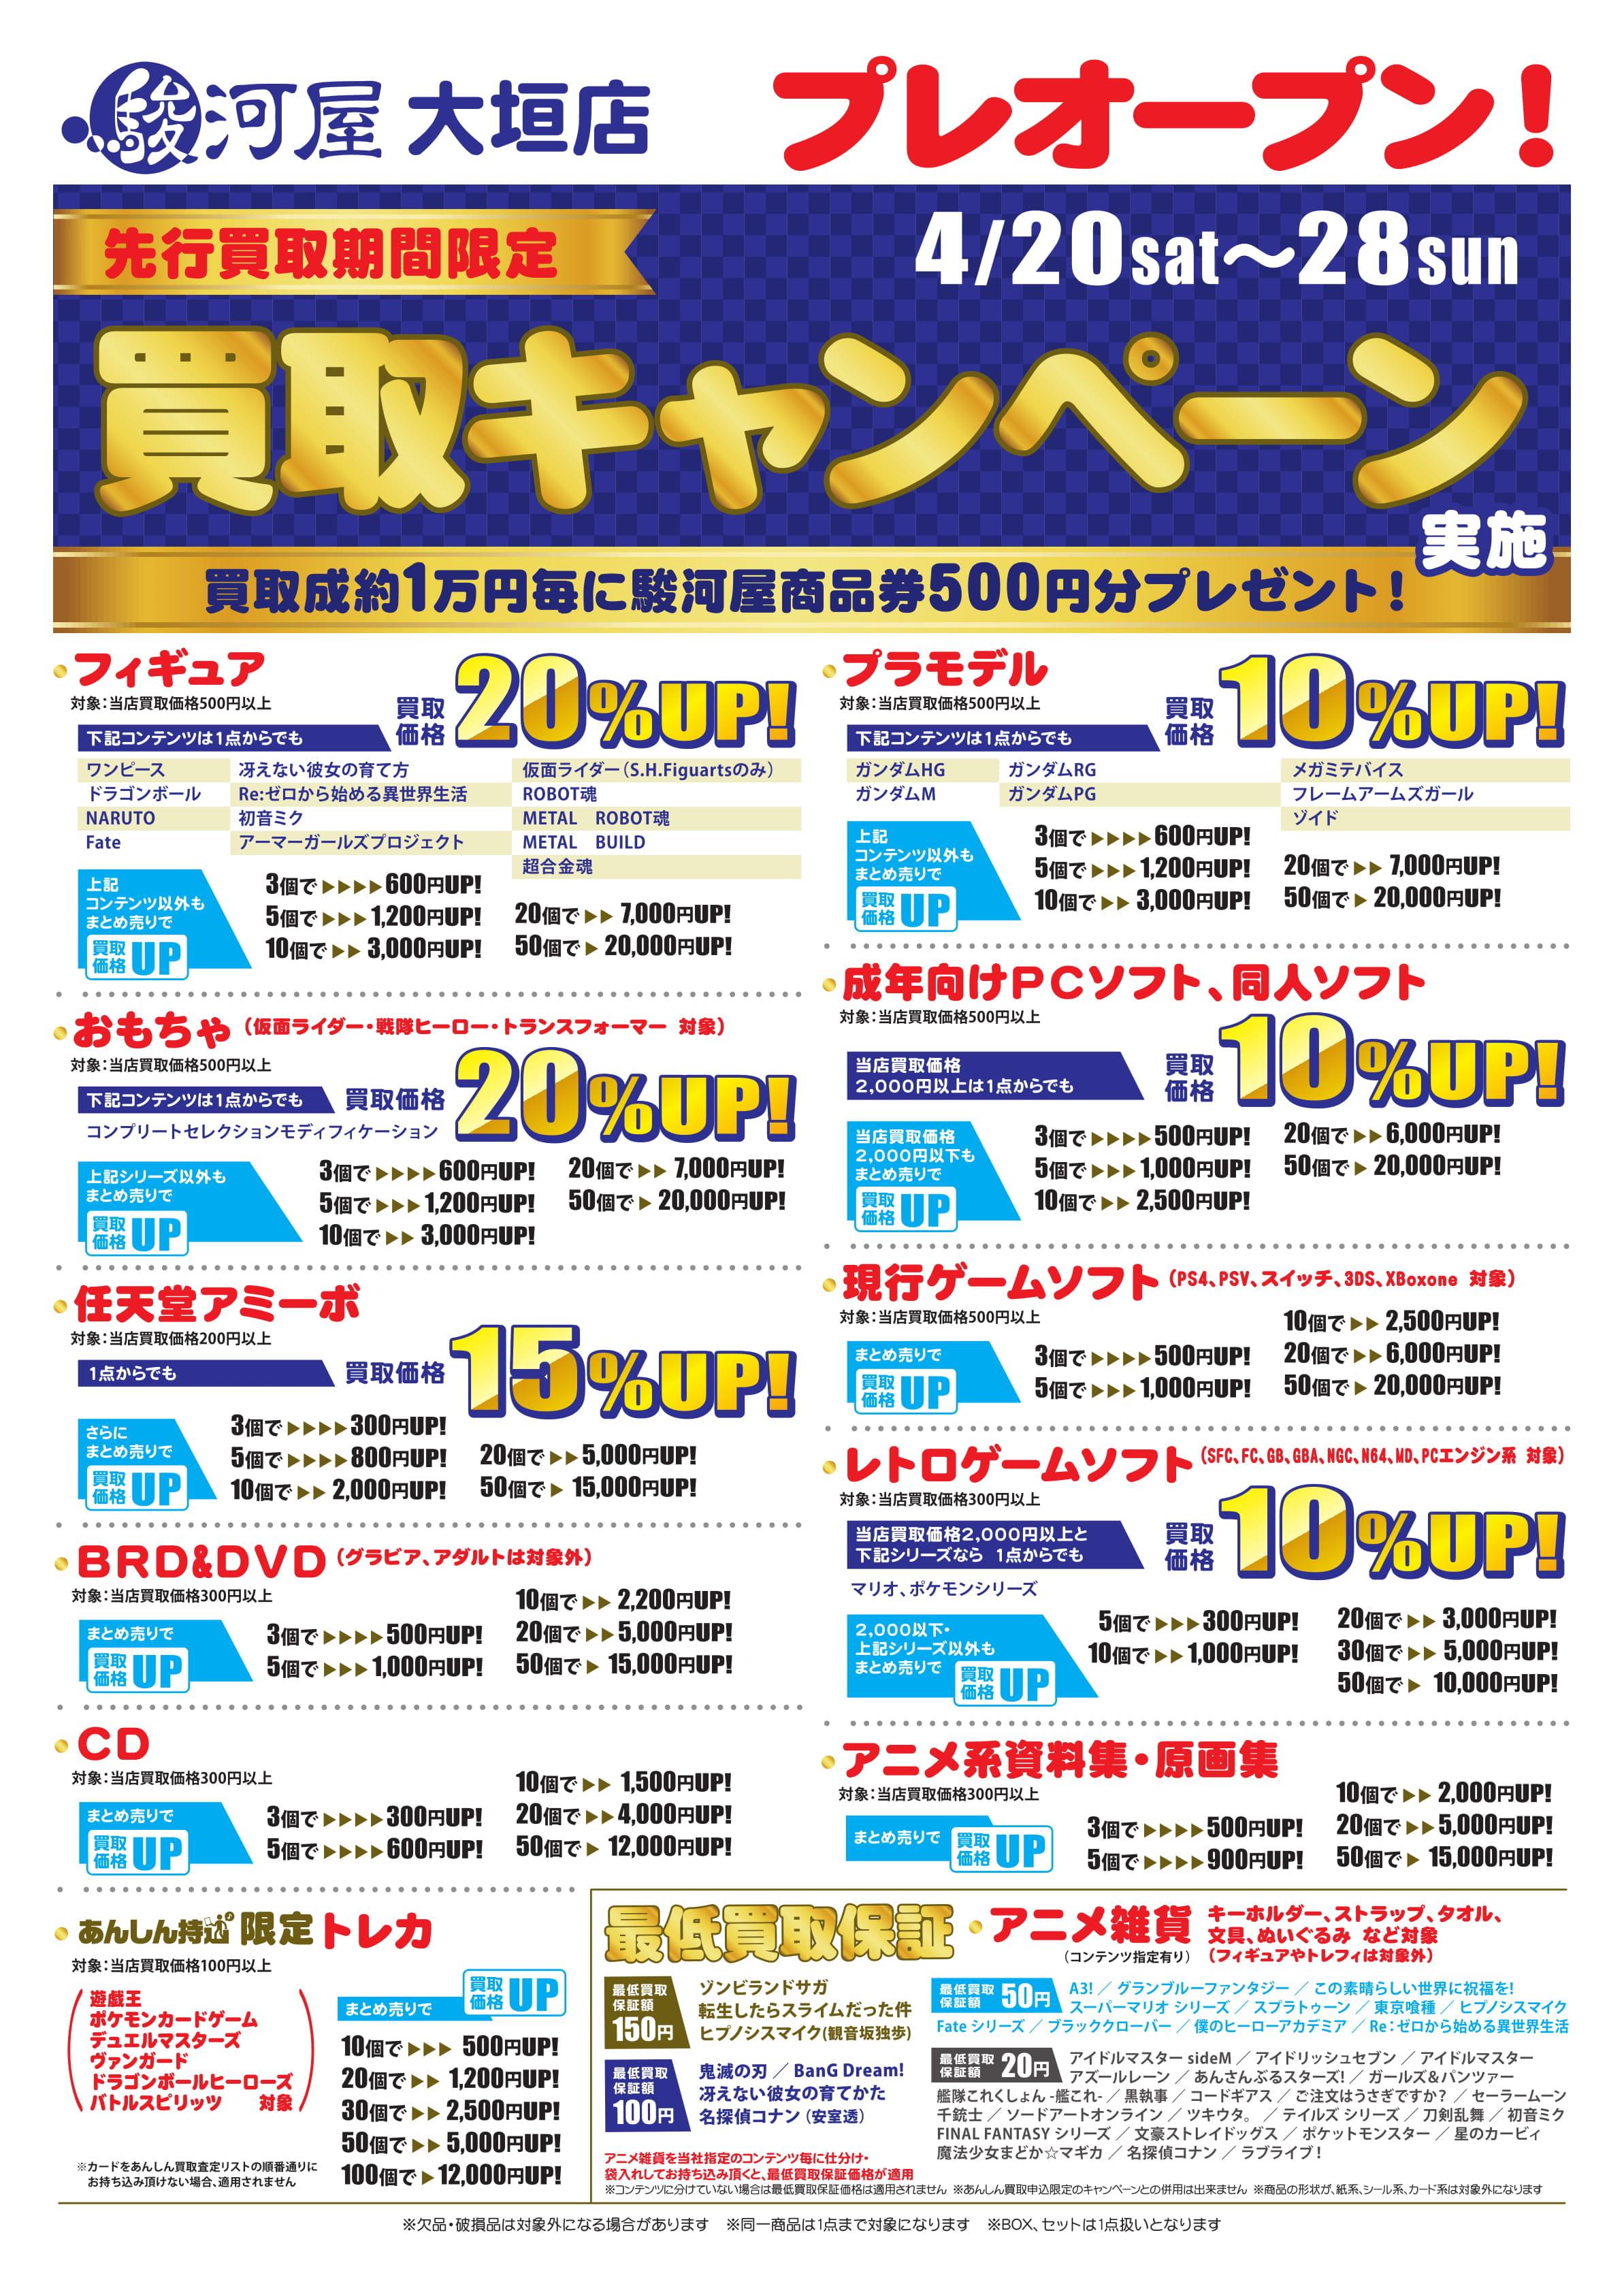 駿河屋池袋ゲーム館リニューアルオープンキャンペーン